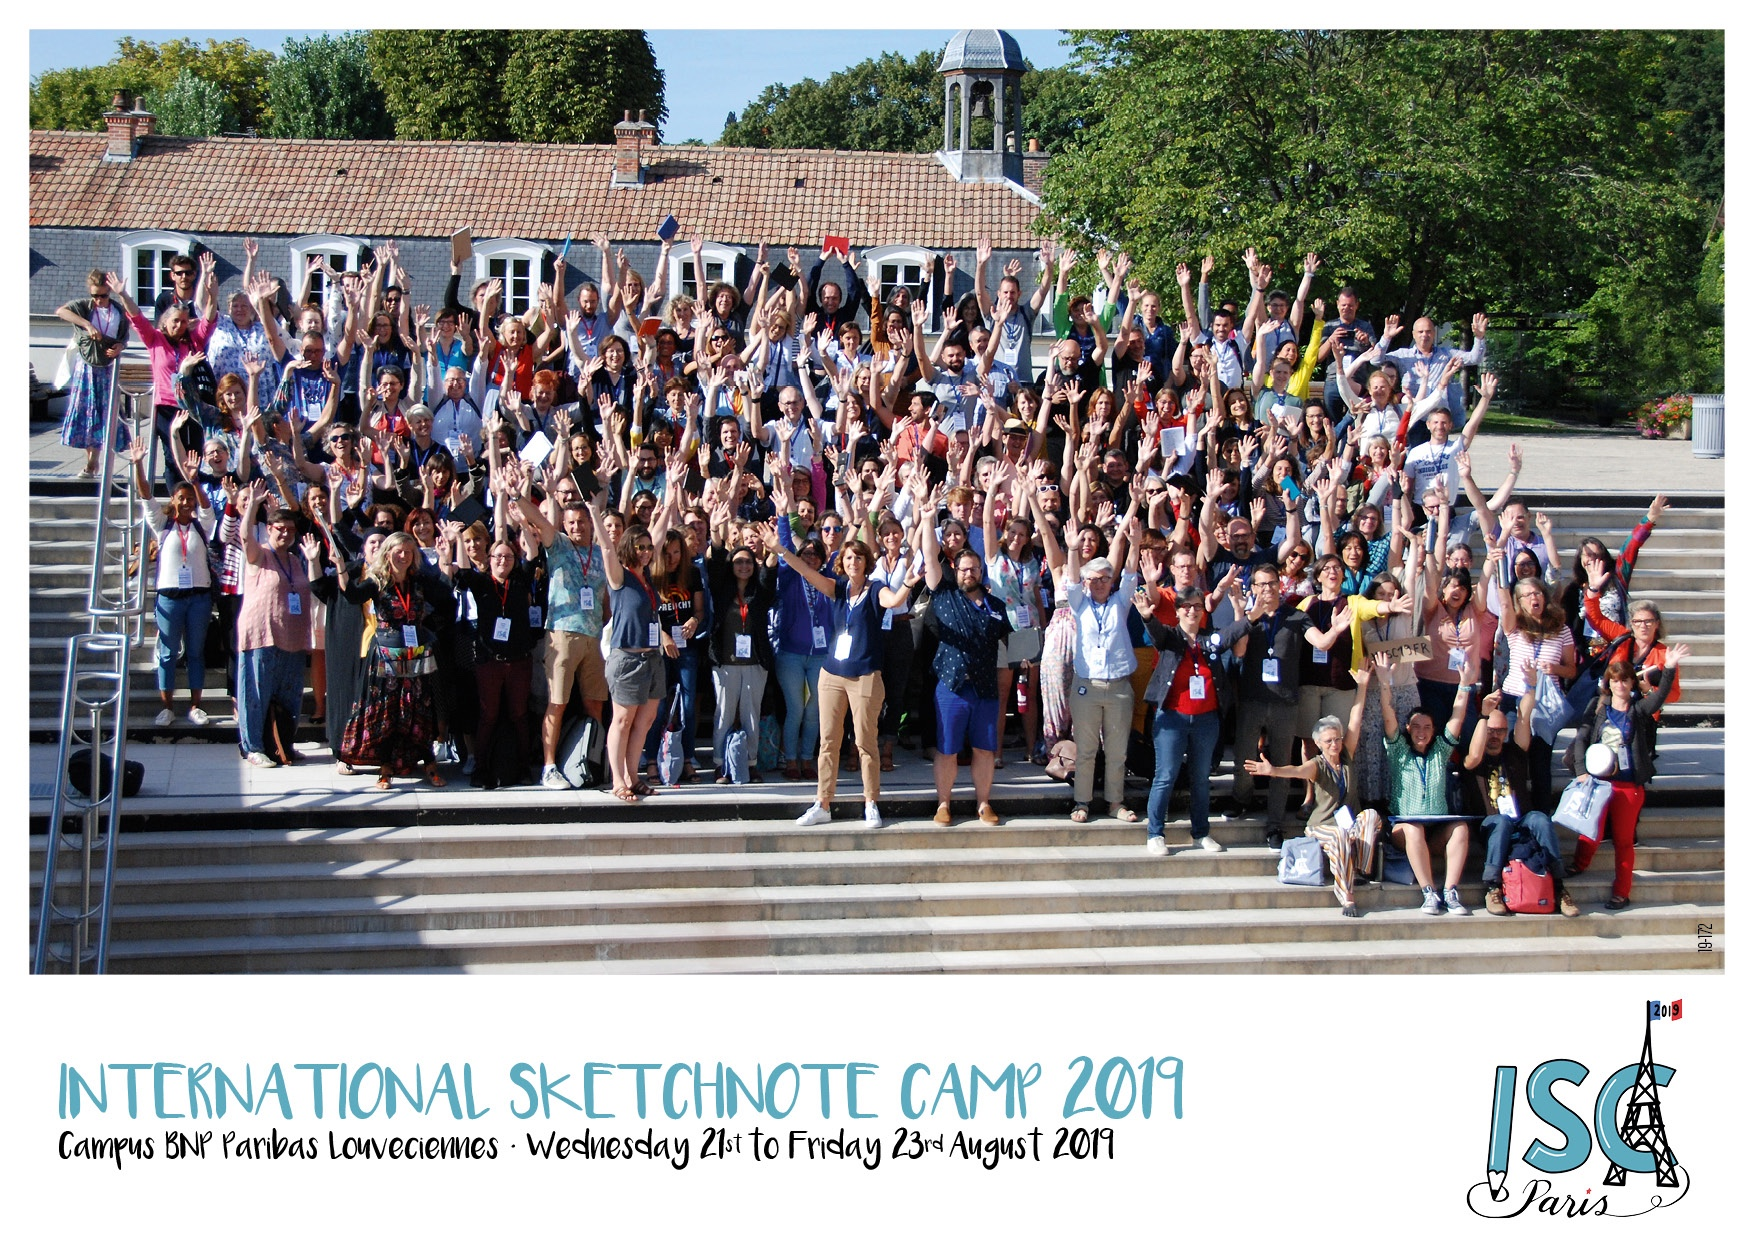 #isc19fr - 170 Teilnehmer aus 15 Nationen